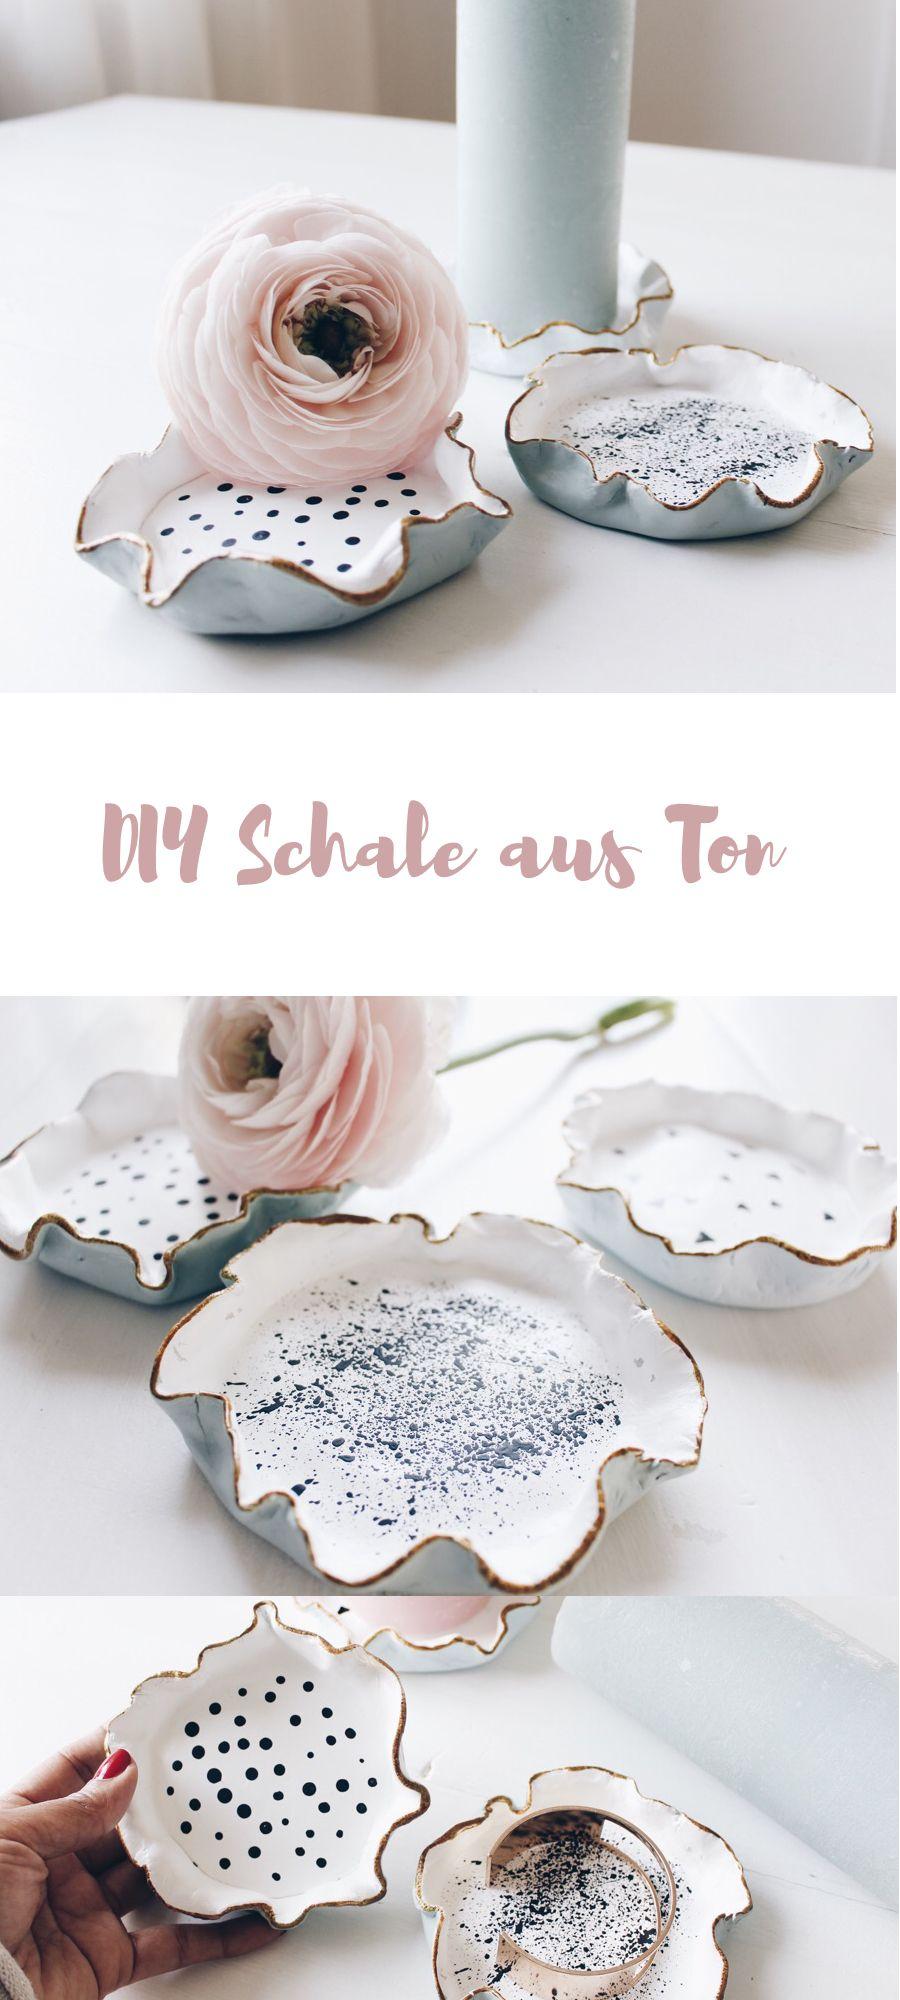 Diy schale aus ton aus grau wird bunt crafts pinterest diy clay and crafts - Fimo muttertagsgeschenk ...